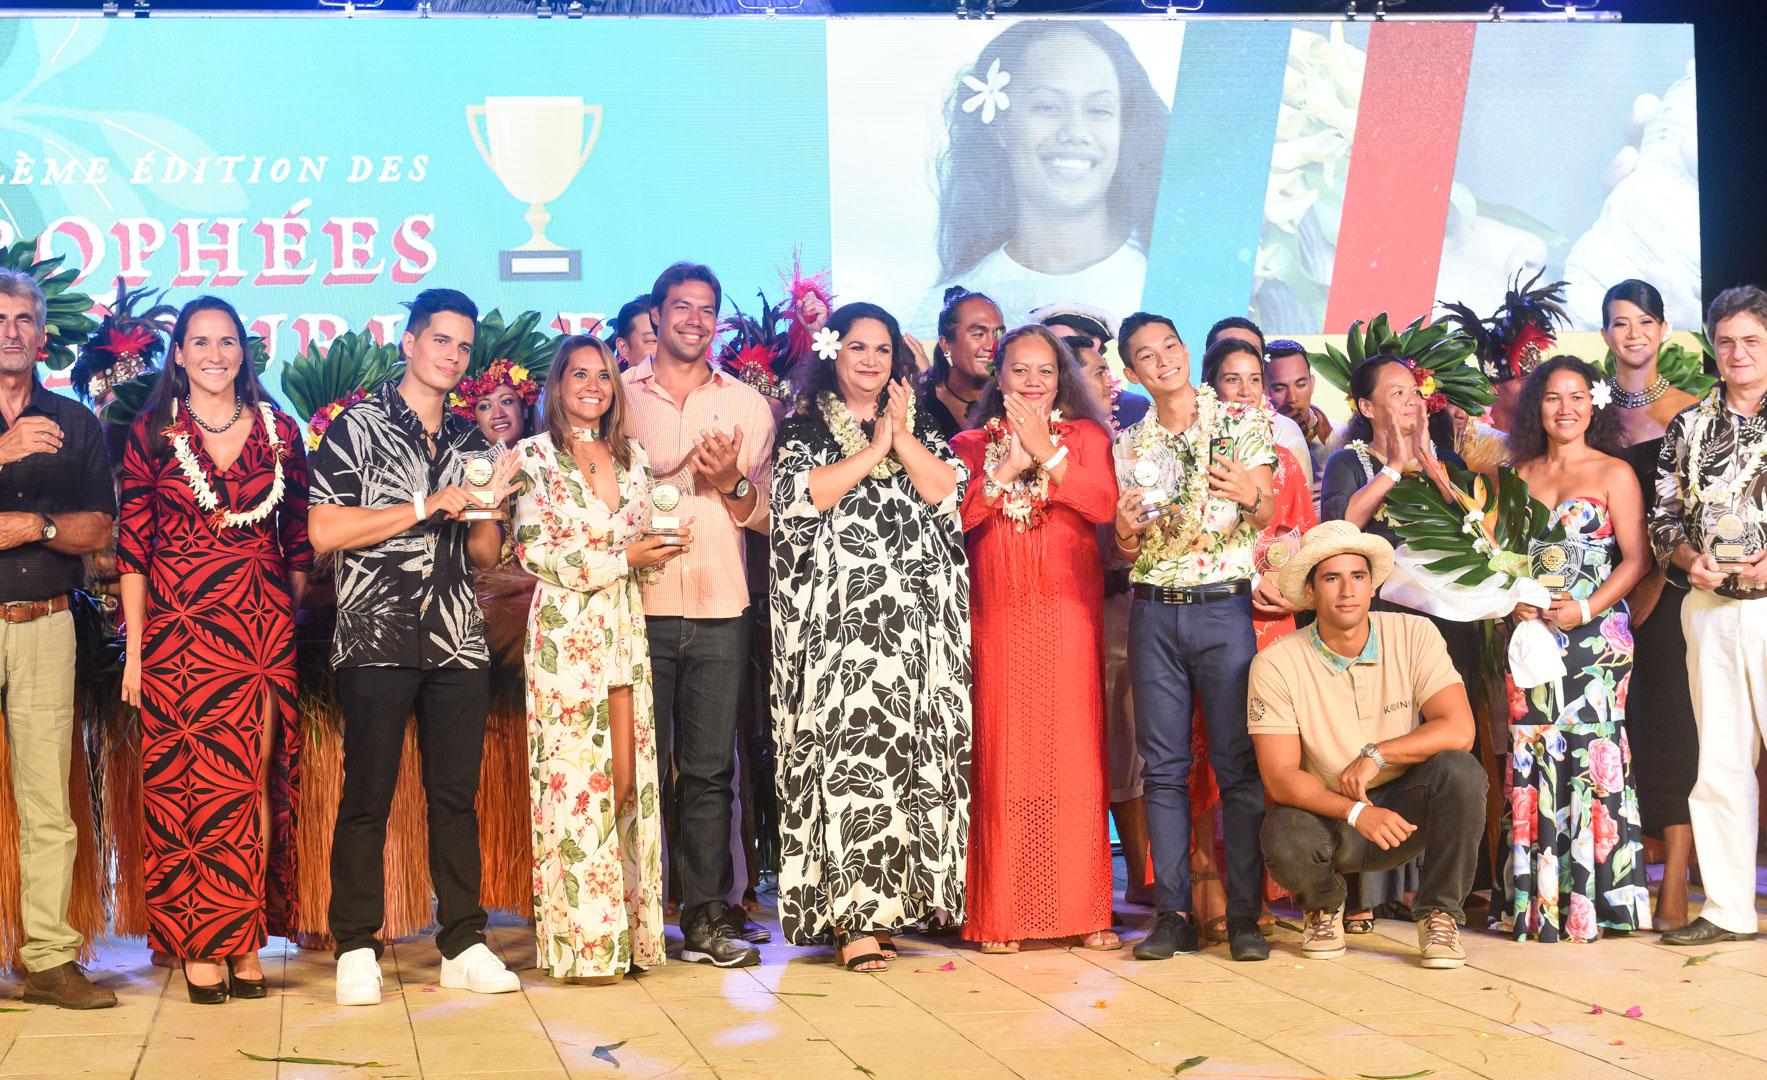 Remise des prix de la 2e édition des Trophées du tourisme